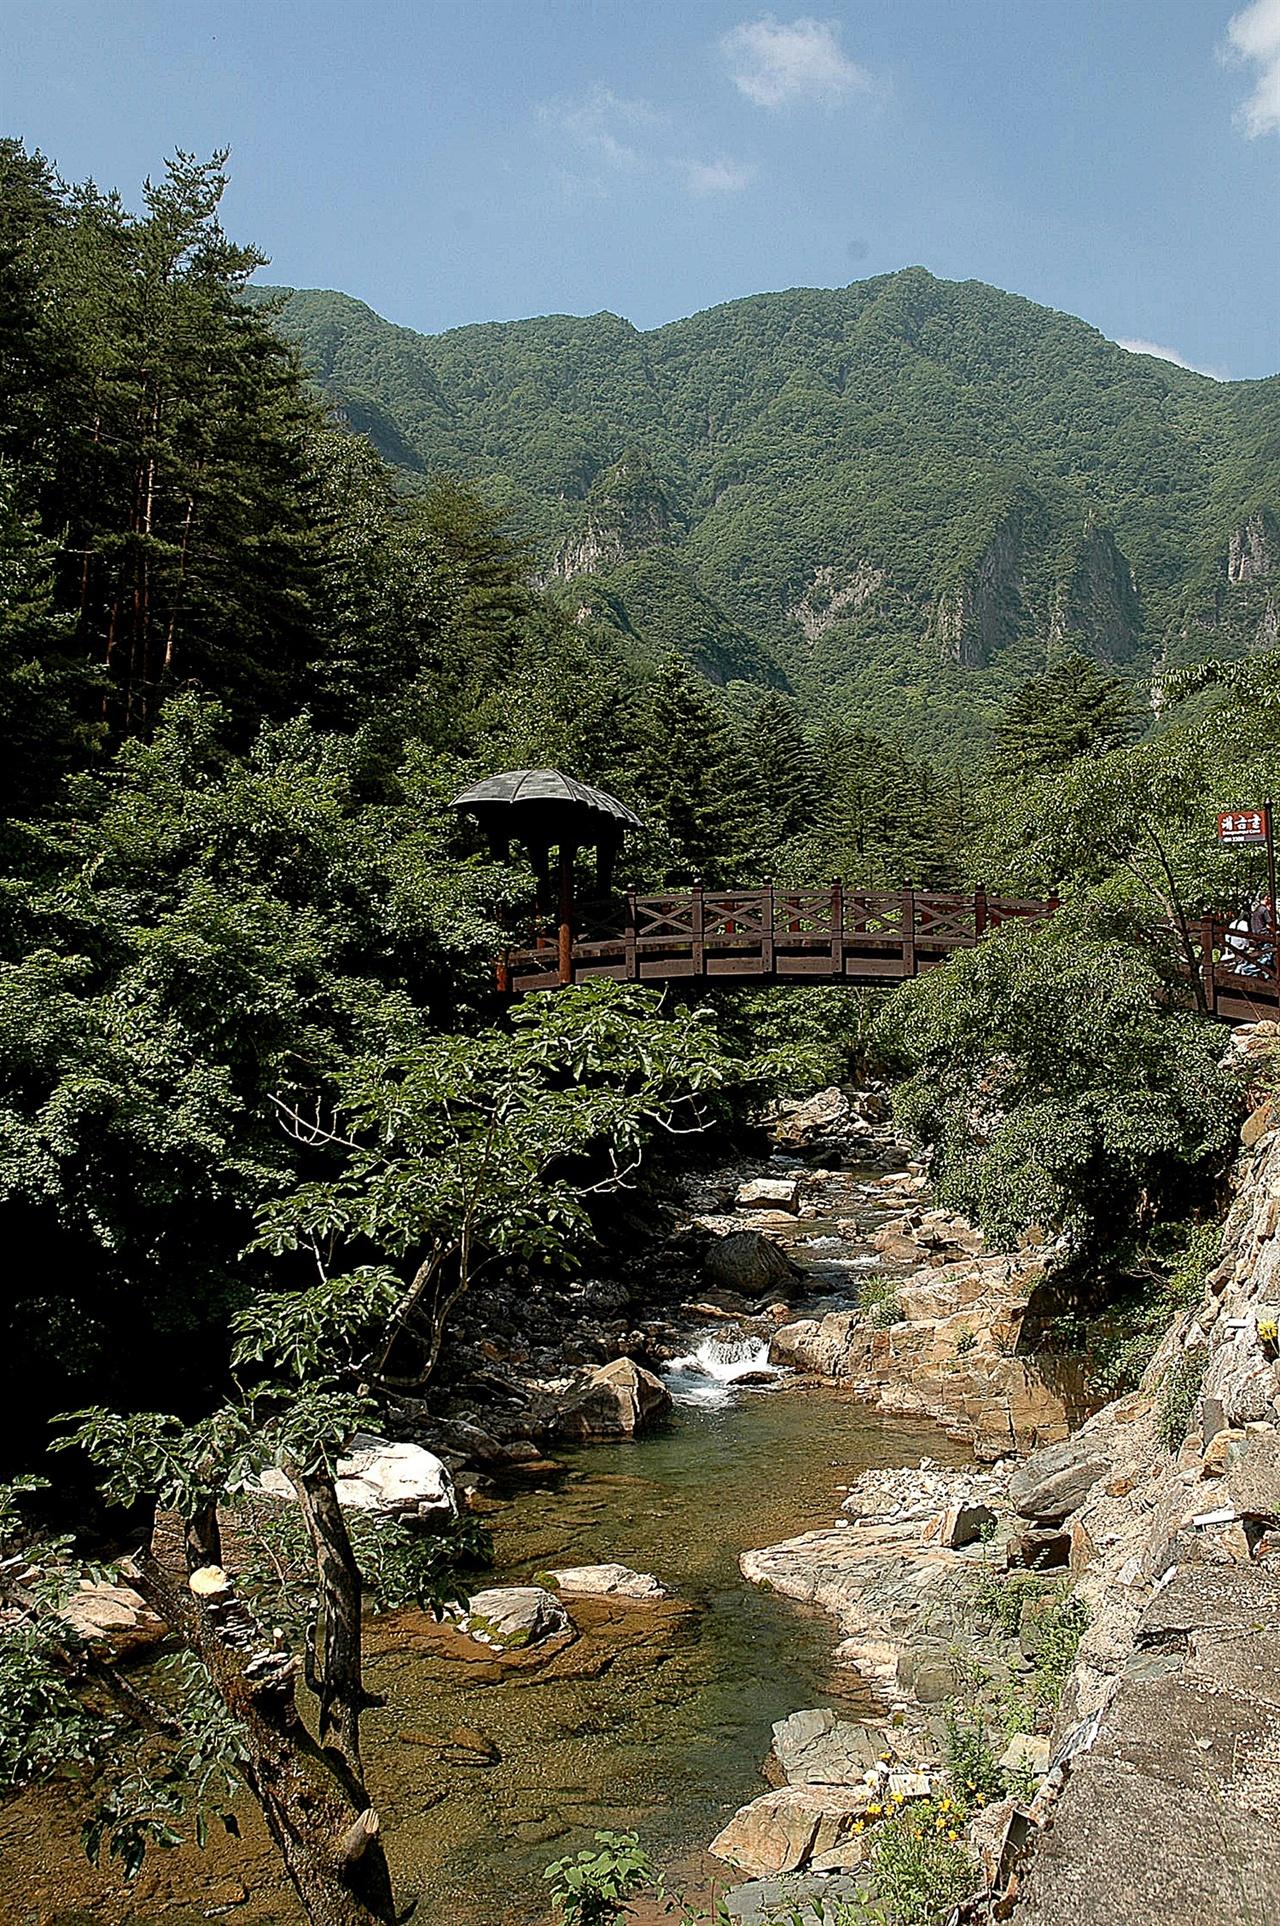 대금굴 입구  계곡을 가로지르는 다리를 건너 조금 걸어가면 대금굴 모노레일 타는 곳이 나온다.